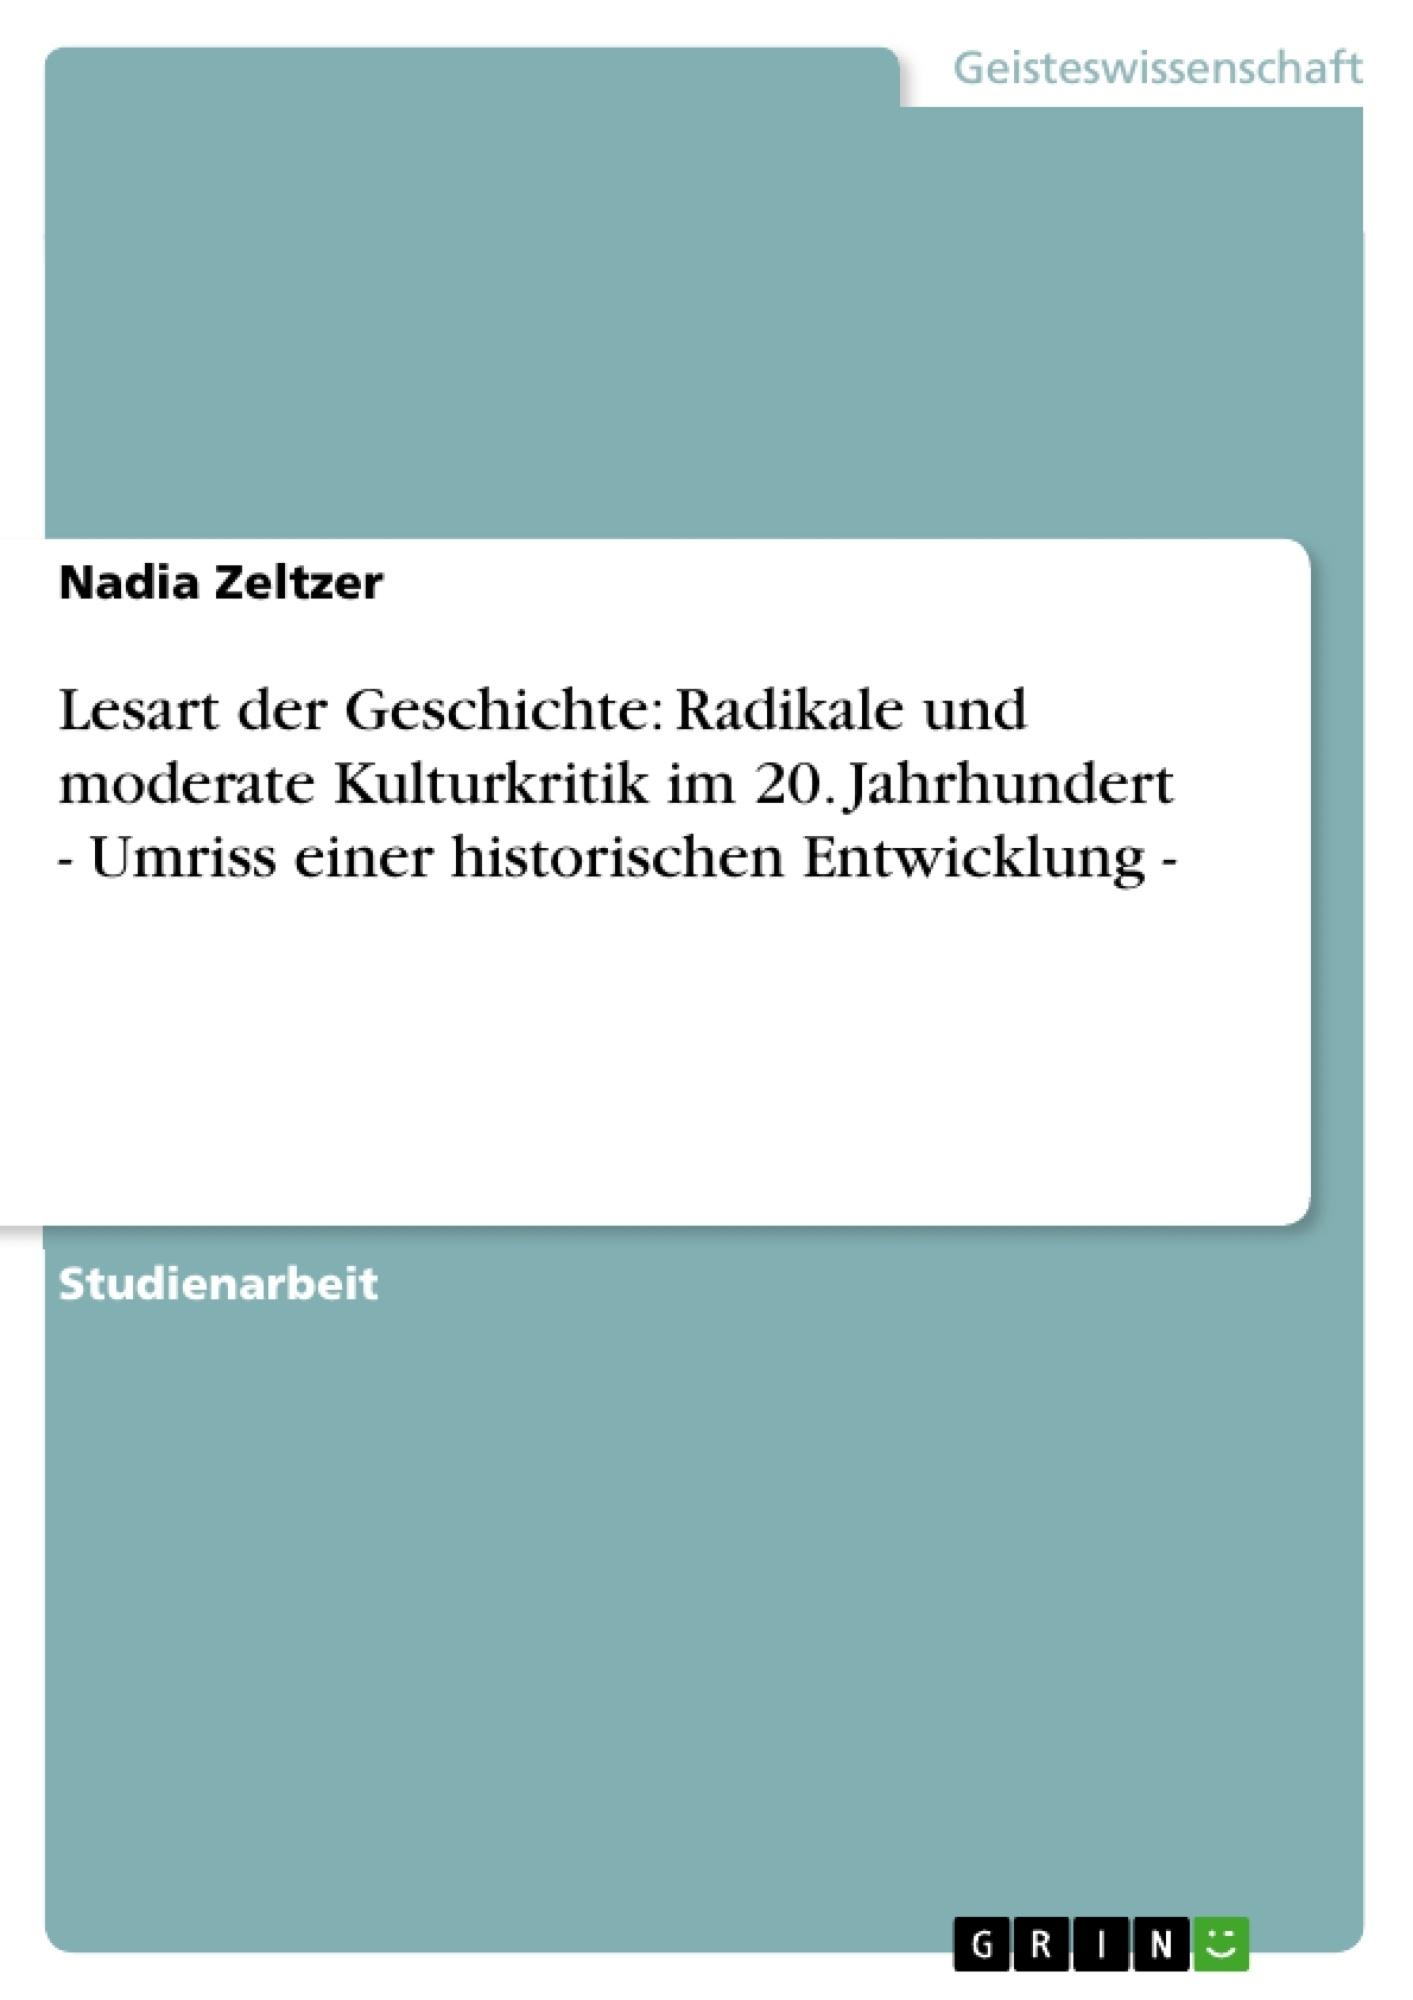 Titel: Lesart der Geschichte: Radikale und moderate Kulturkritik im 20. Jahrhundert - Umriss einer historischen Entwicklung -